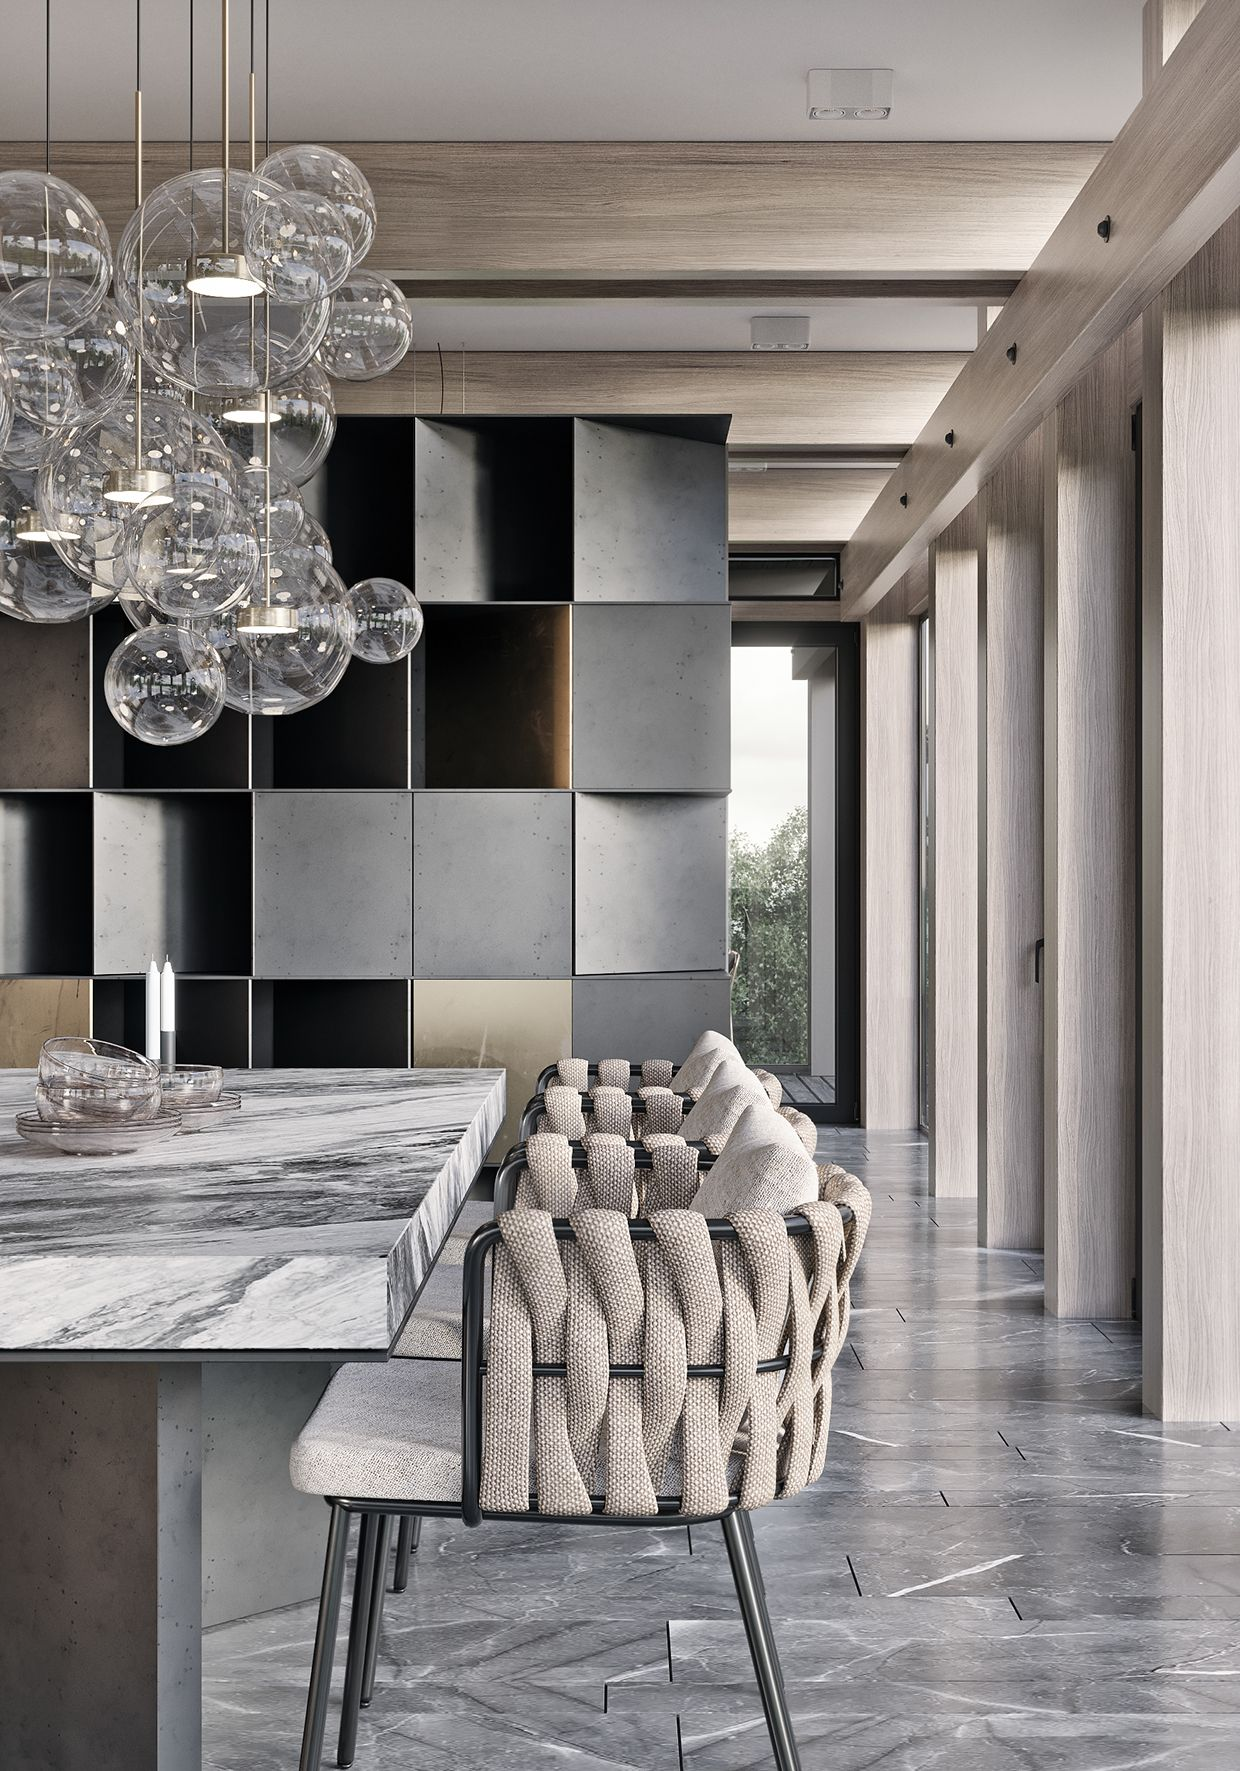 Maison moderne salon maison décoration maison mobilier de salon table salle à